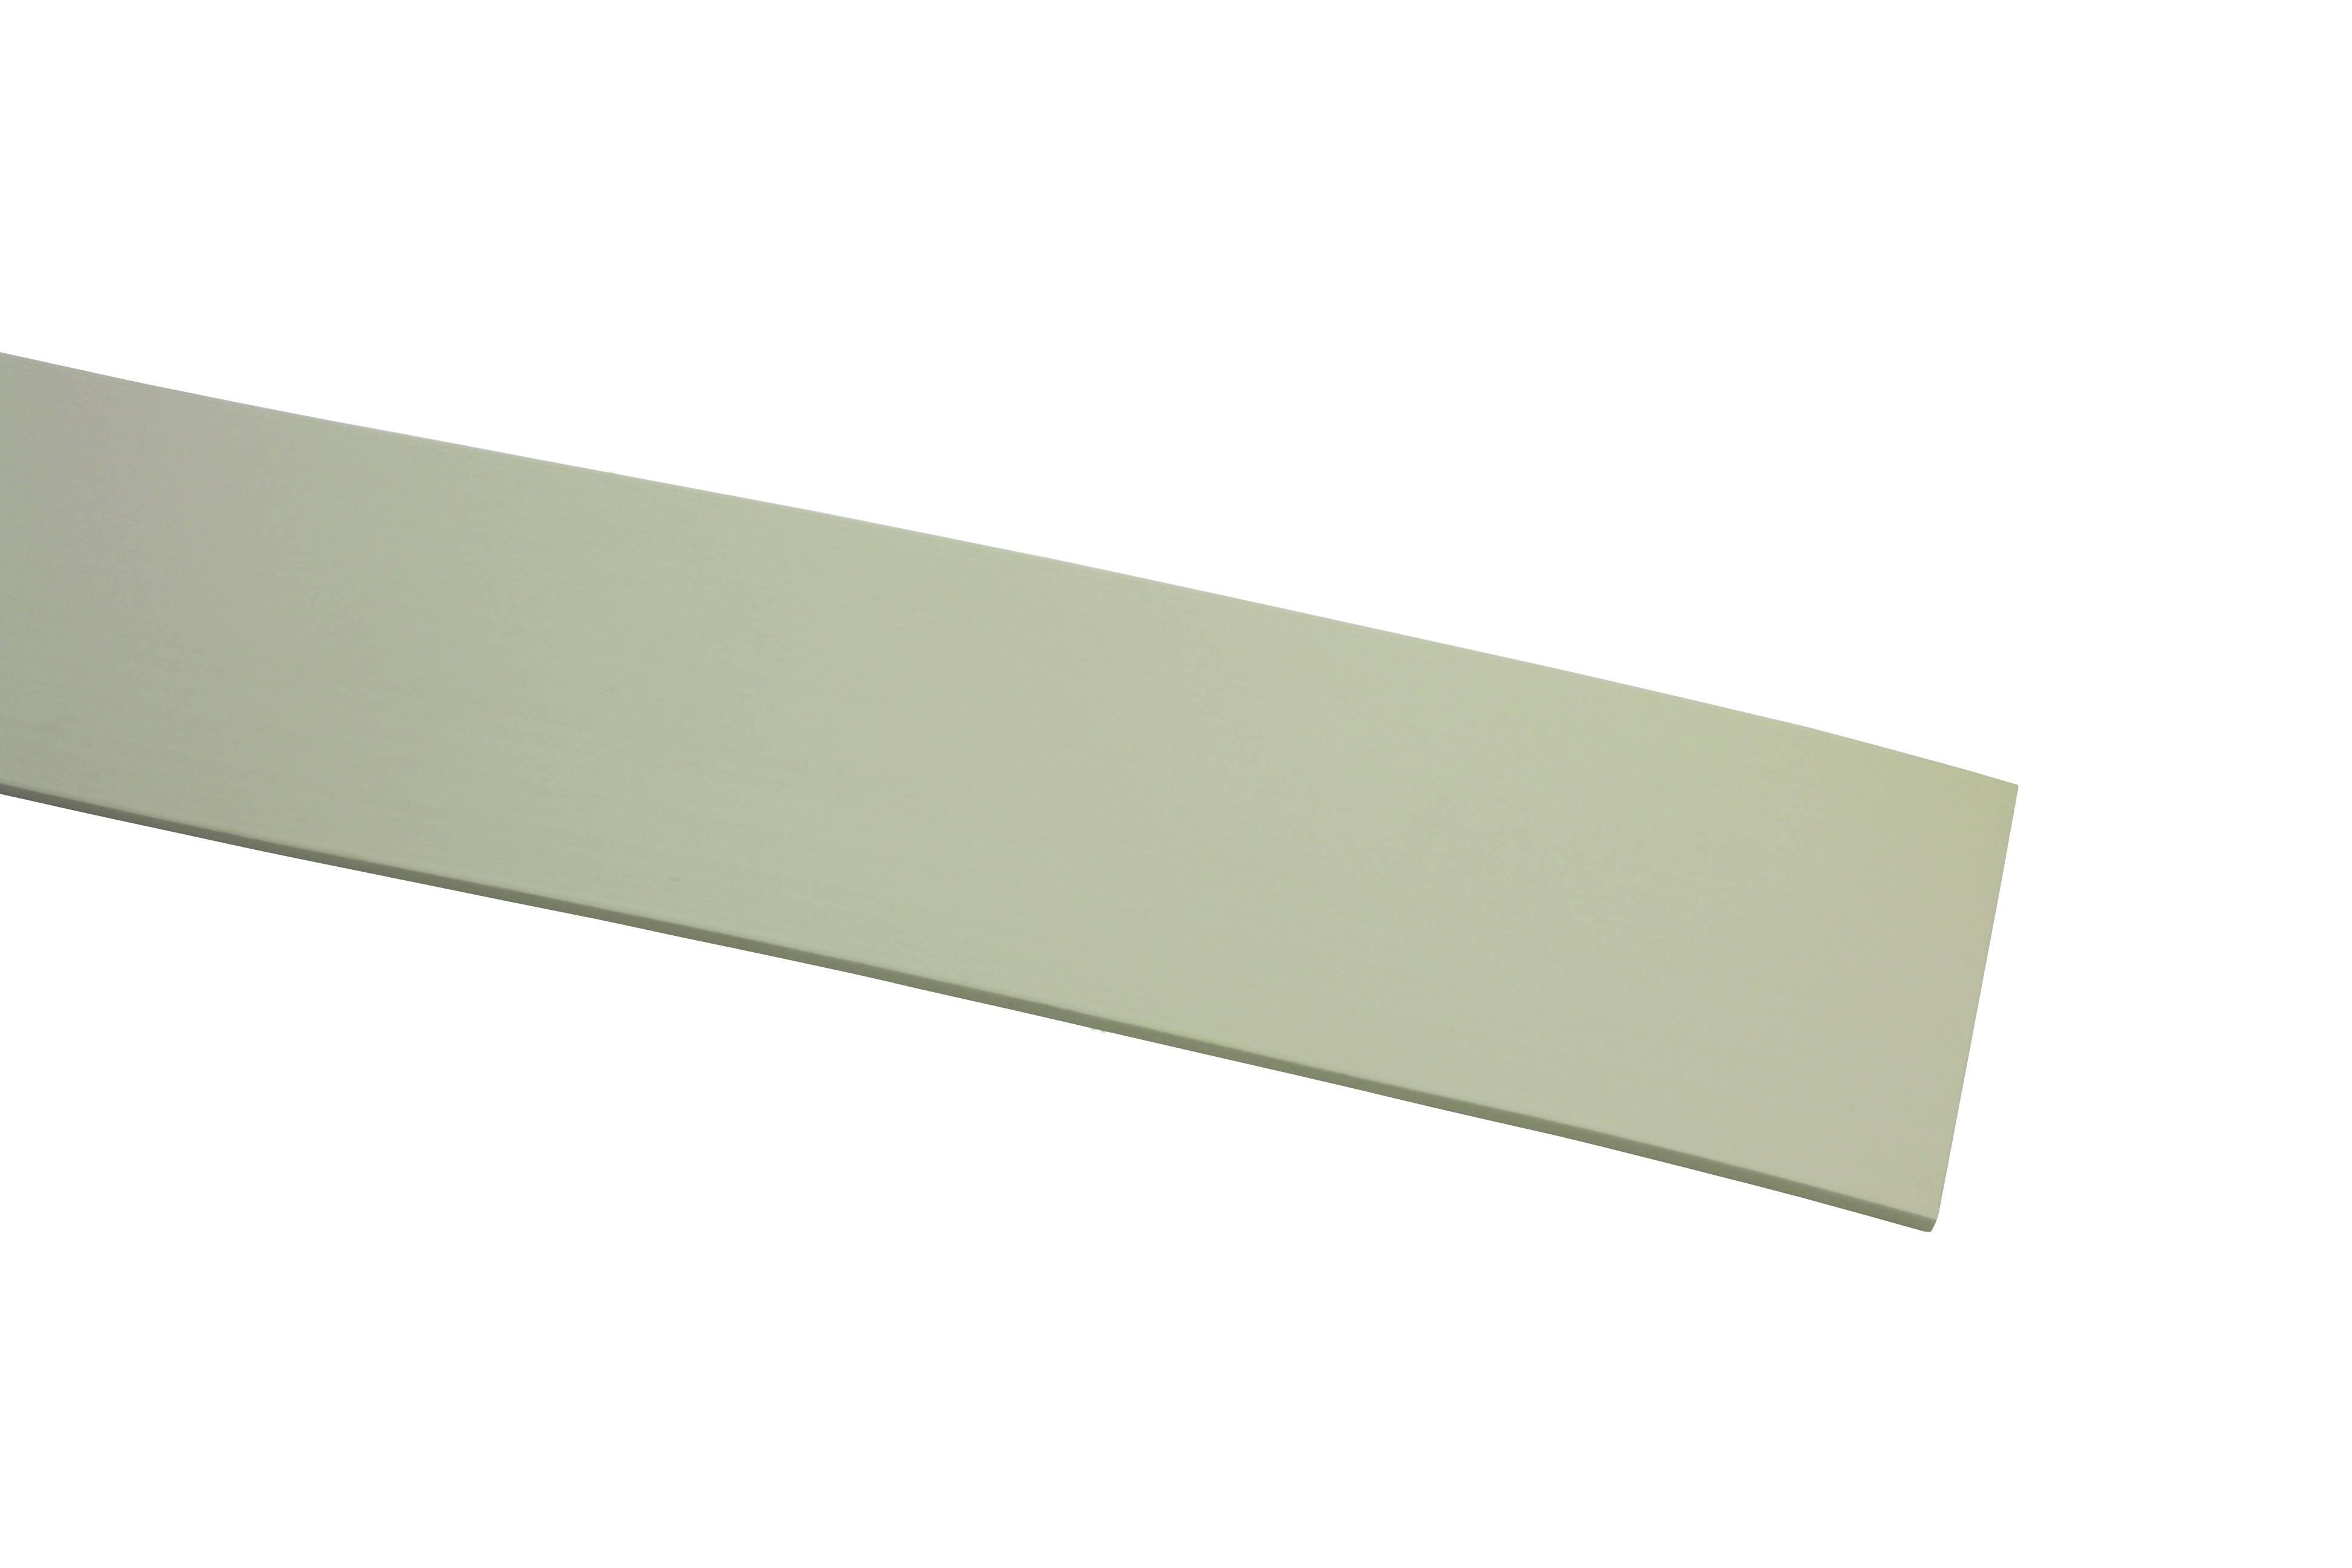 kunststoff blende wei 7 cm 25 meter rolle 8485. Black Bedroom Furniture Sets. Home Design Ideas